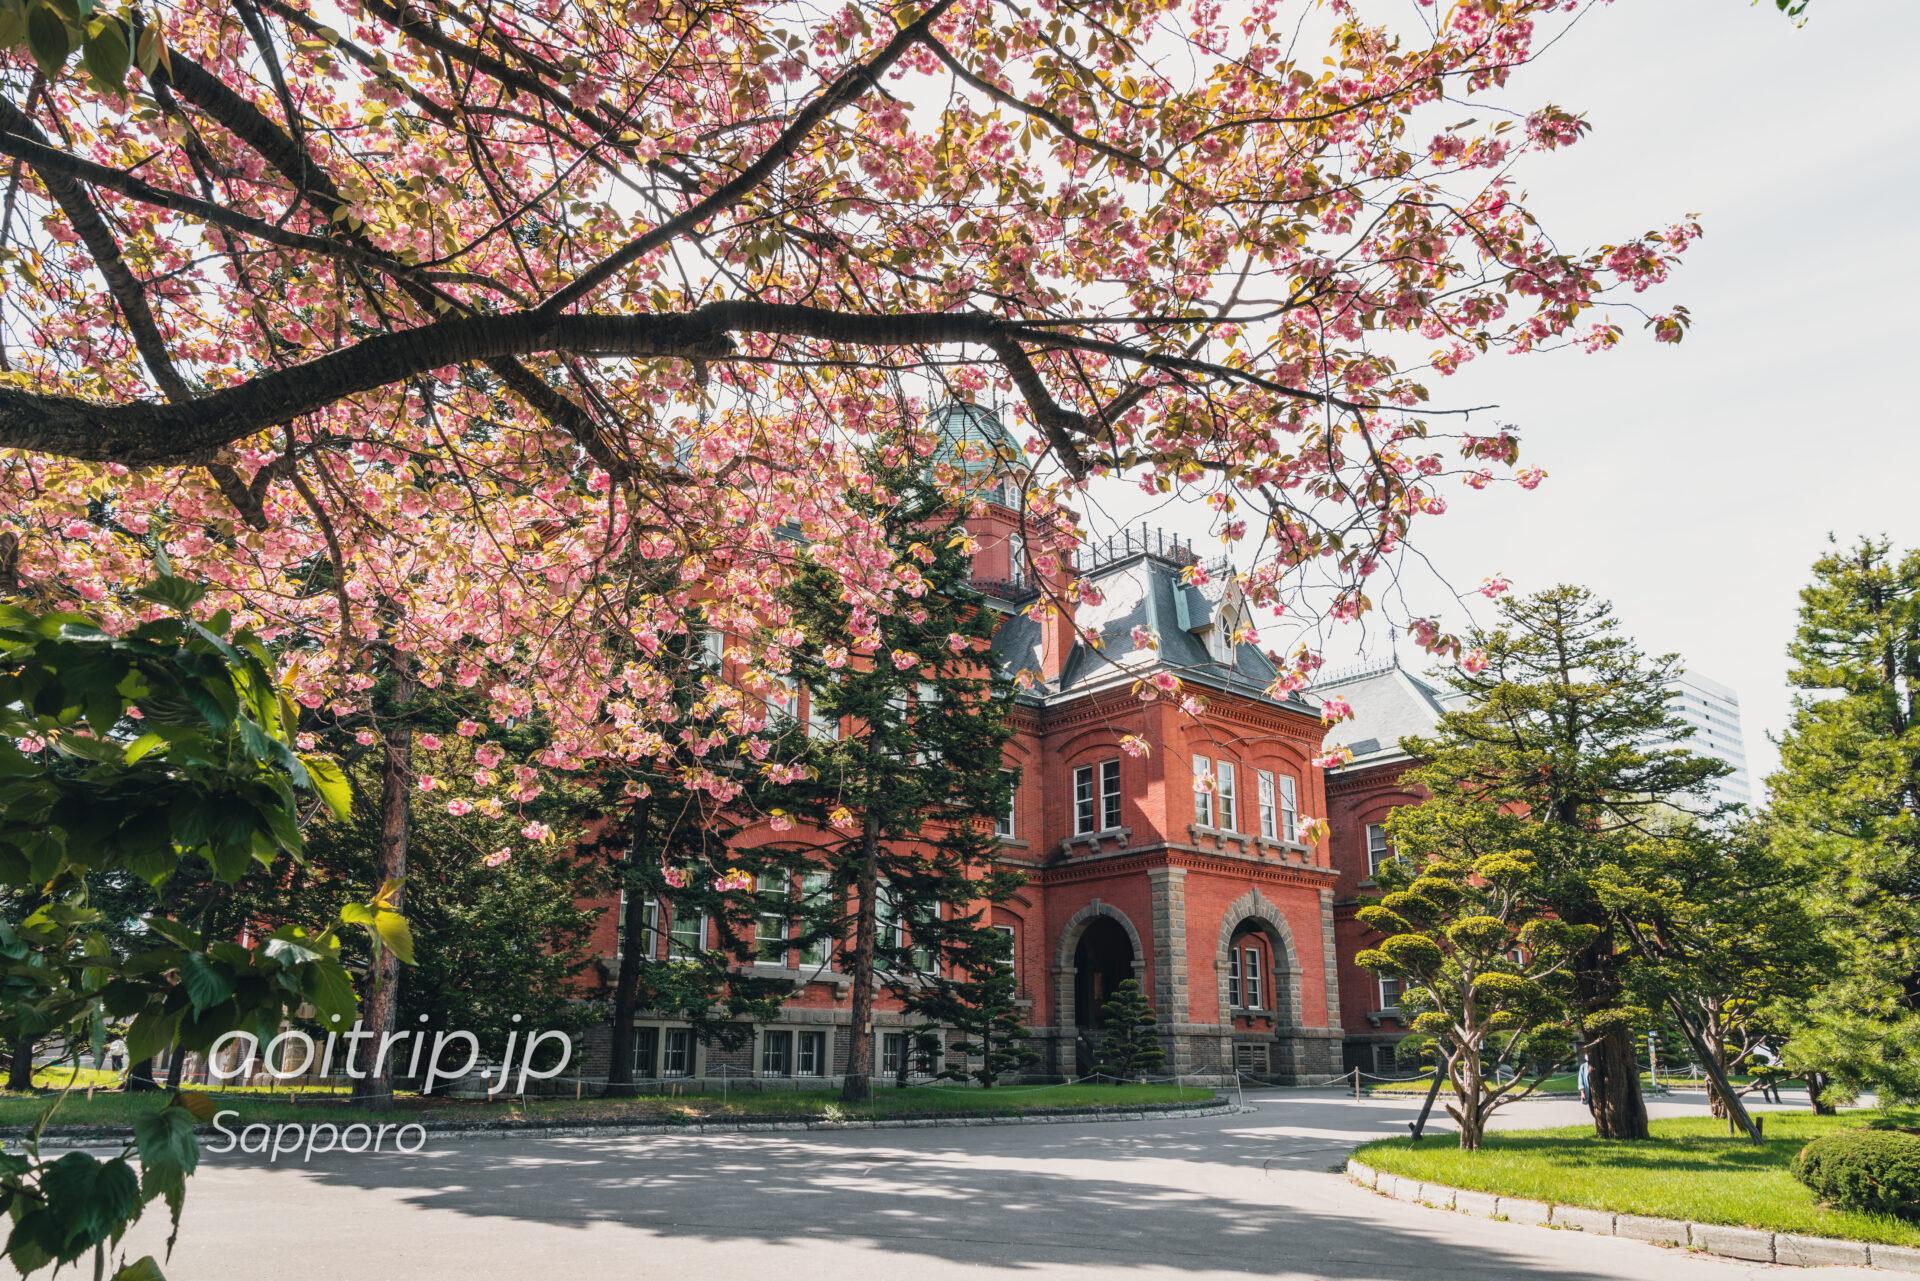 北海道庁赤れんが庁舎と前庭のヤエザクラ(サトザクラ)